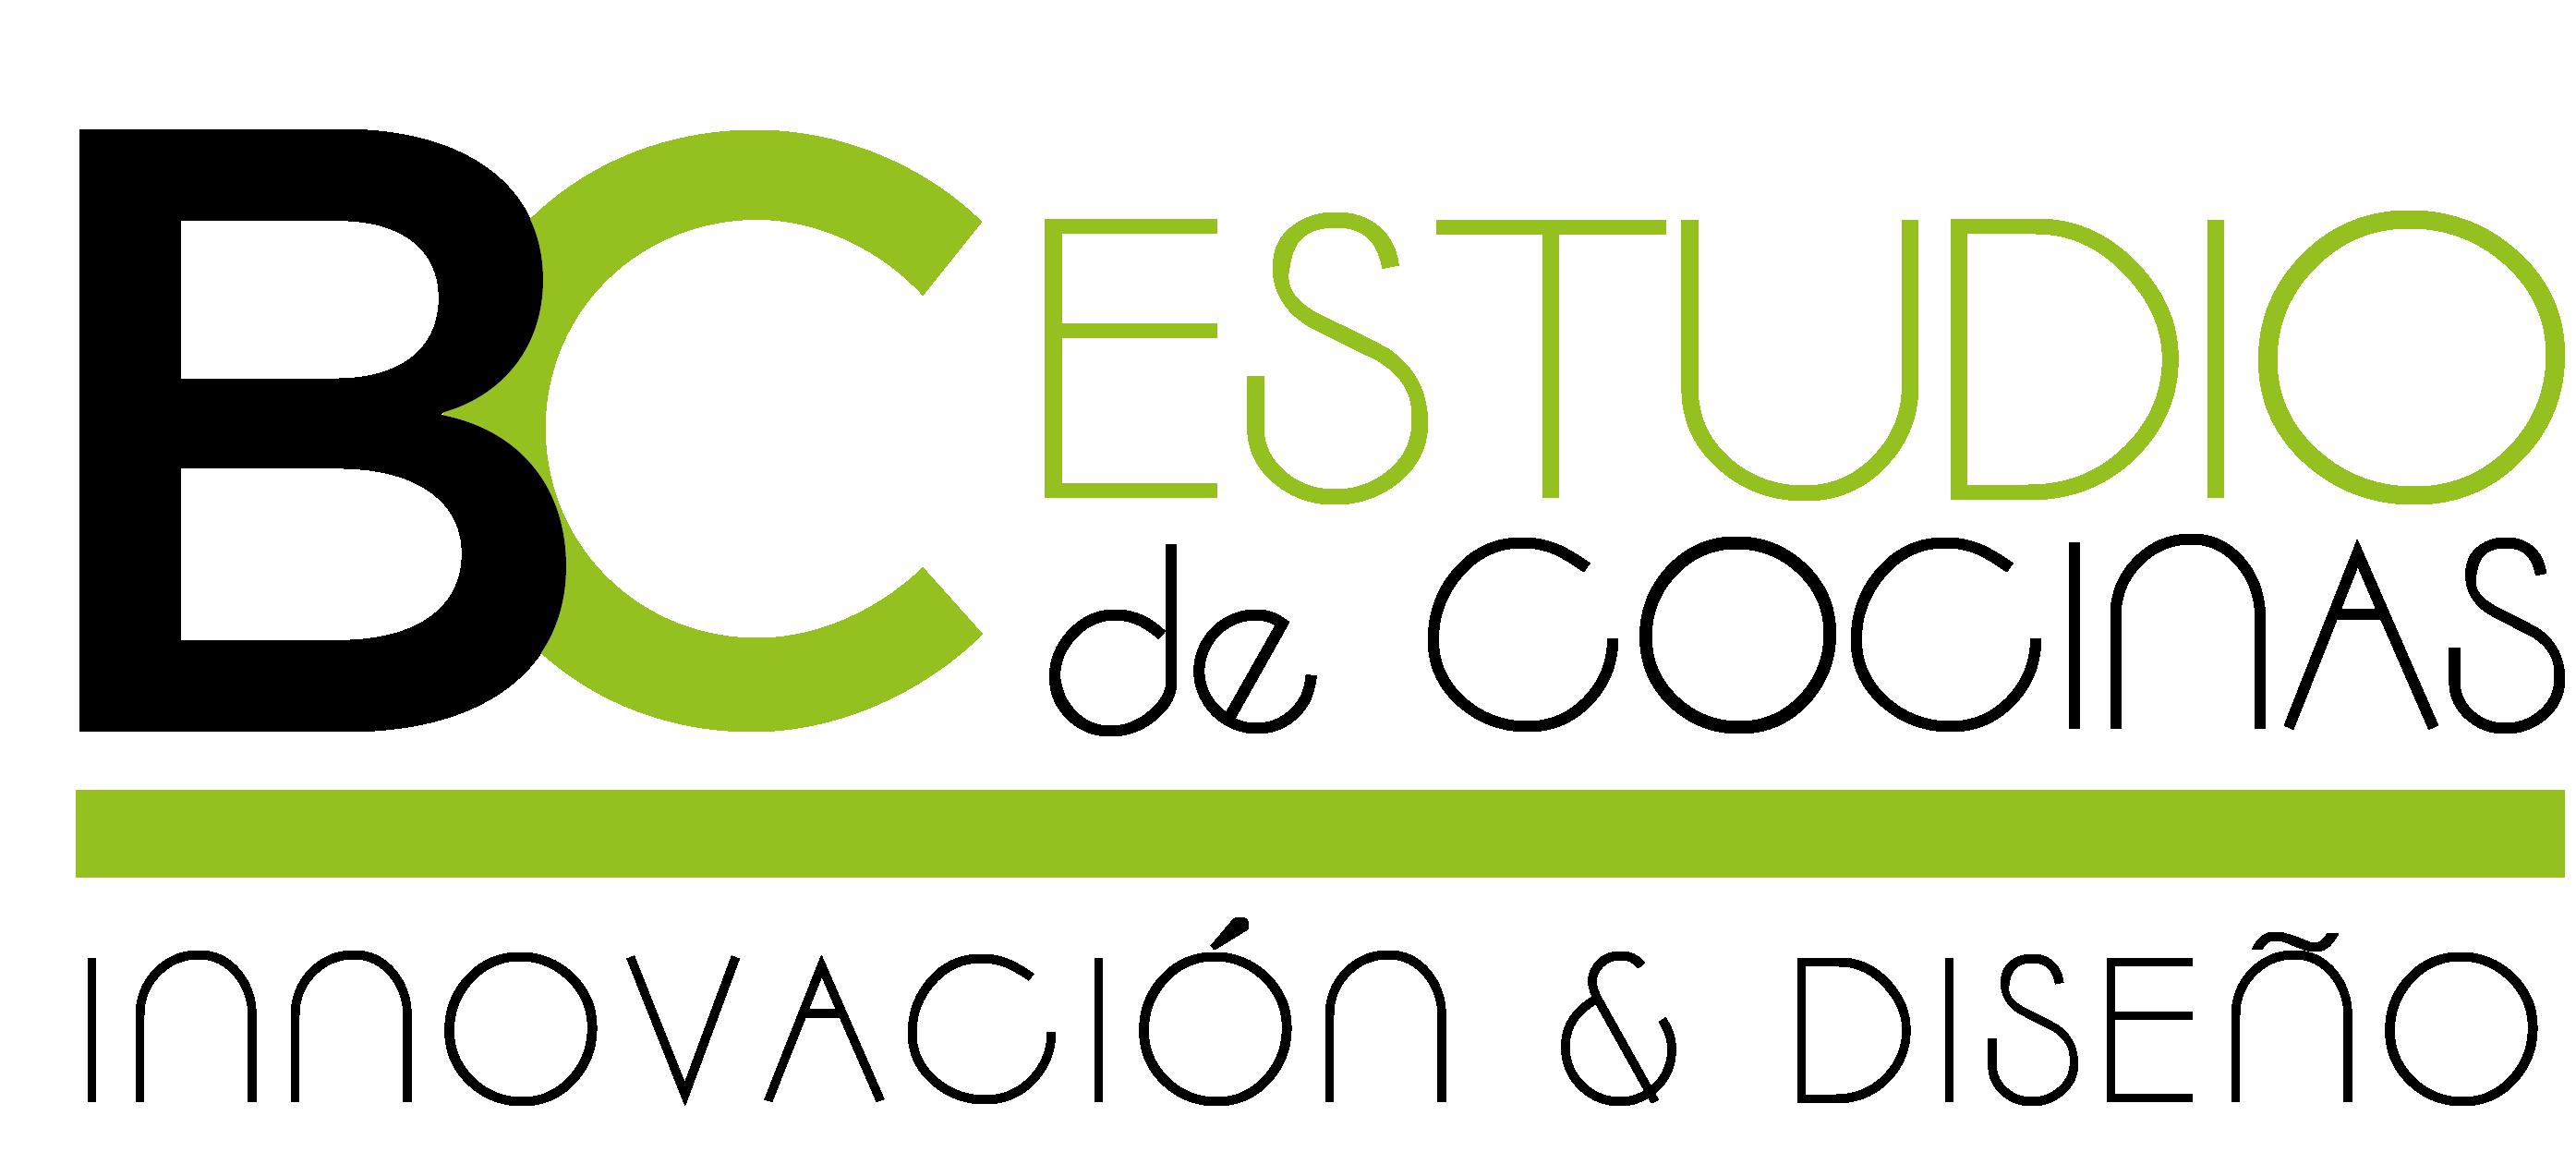 BC ESTUDIO de COCINAS